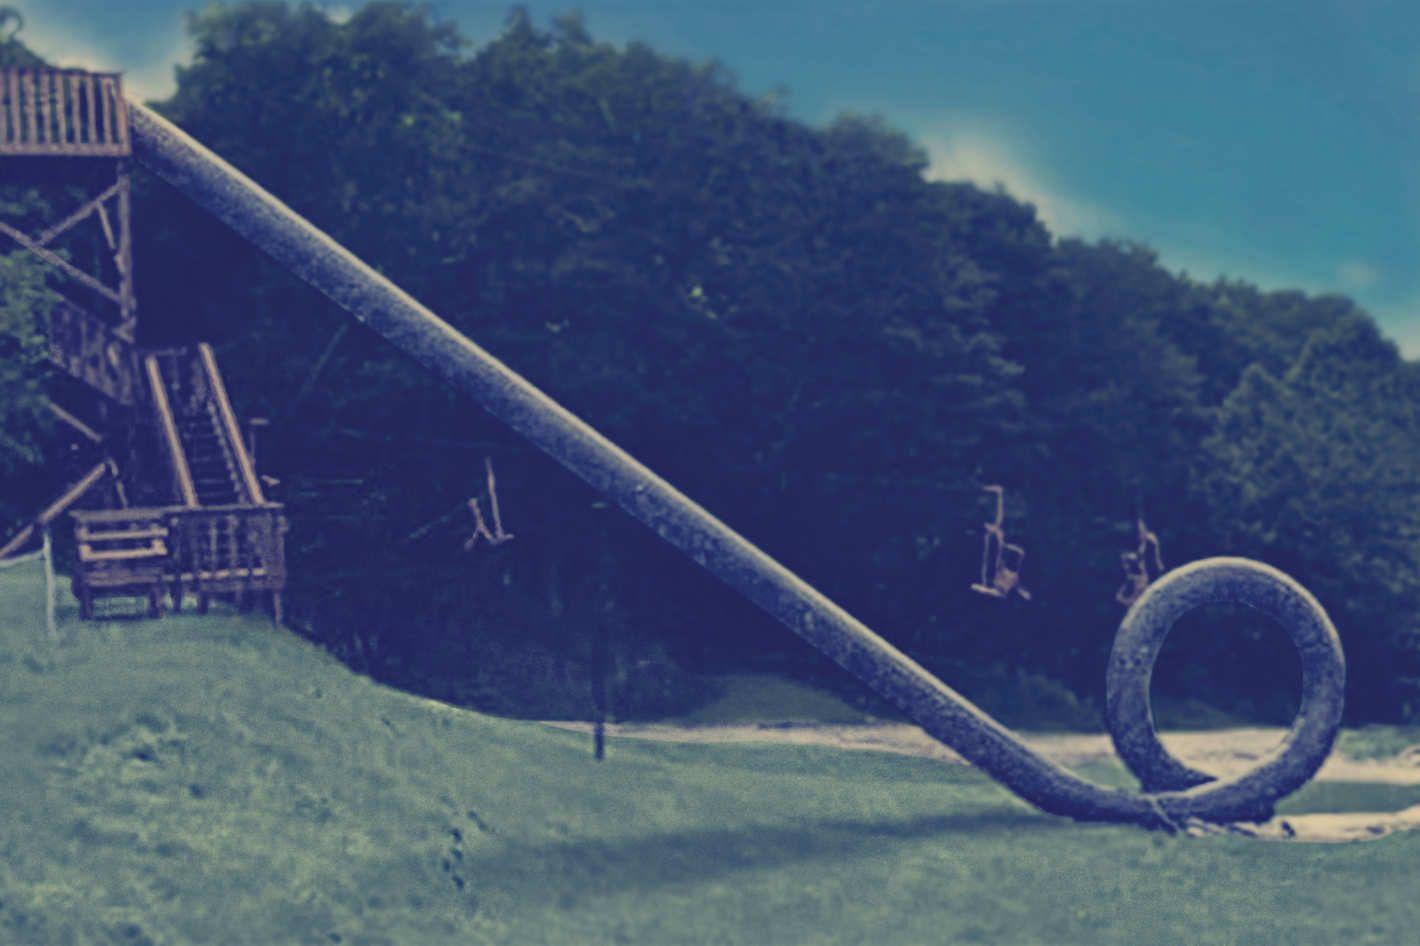 Action Park The World S Most Dangerous Amusement Park Ghost Town Travels Amusement Park Rides Six Flags Great Adventure Amusement Park